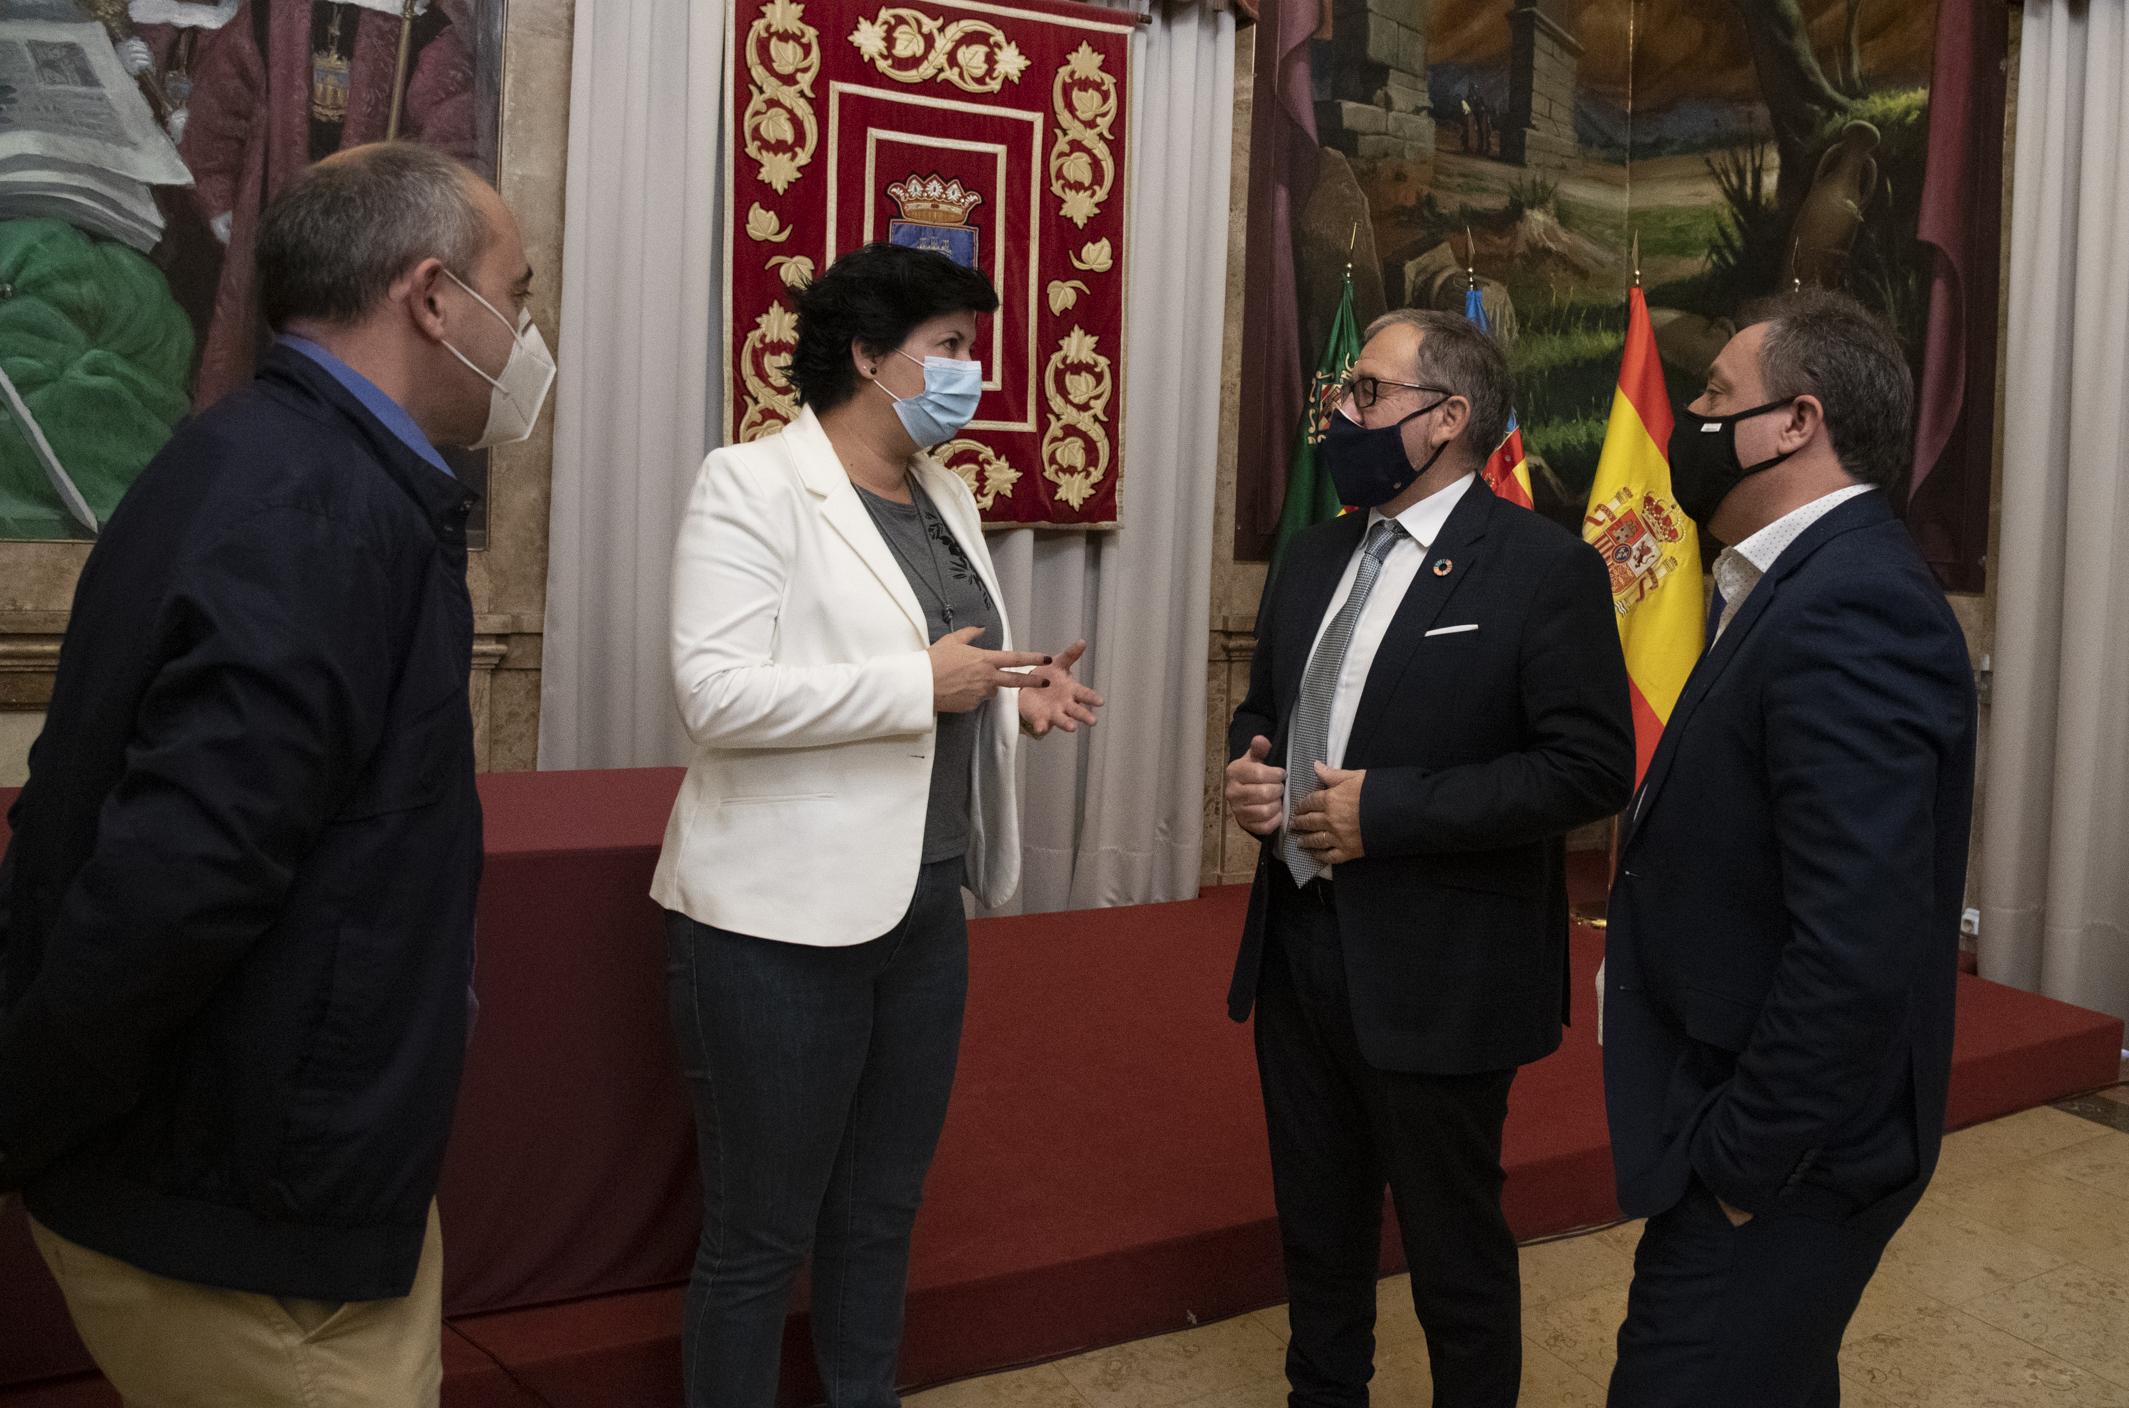 La Diputación de Castellón aprueba adelantos de tesorería de 56,4 millones de euros para 77 ayuntamientos a los que gestiona su recaudación municipal